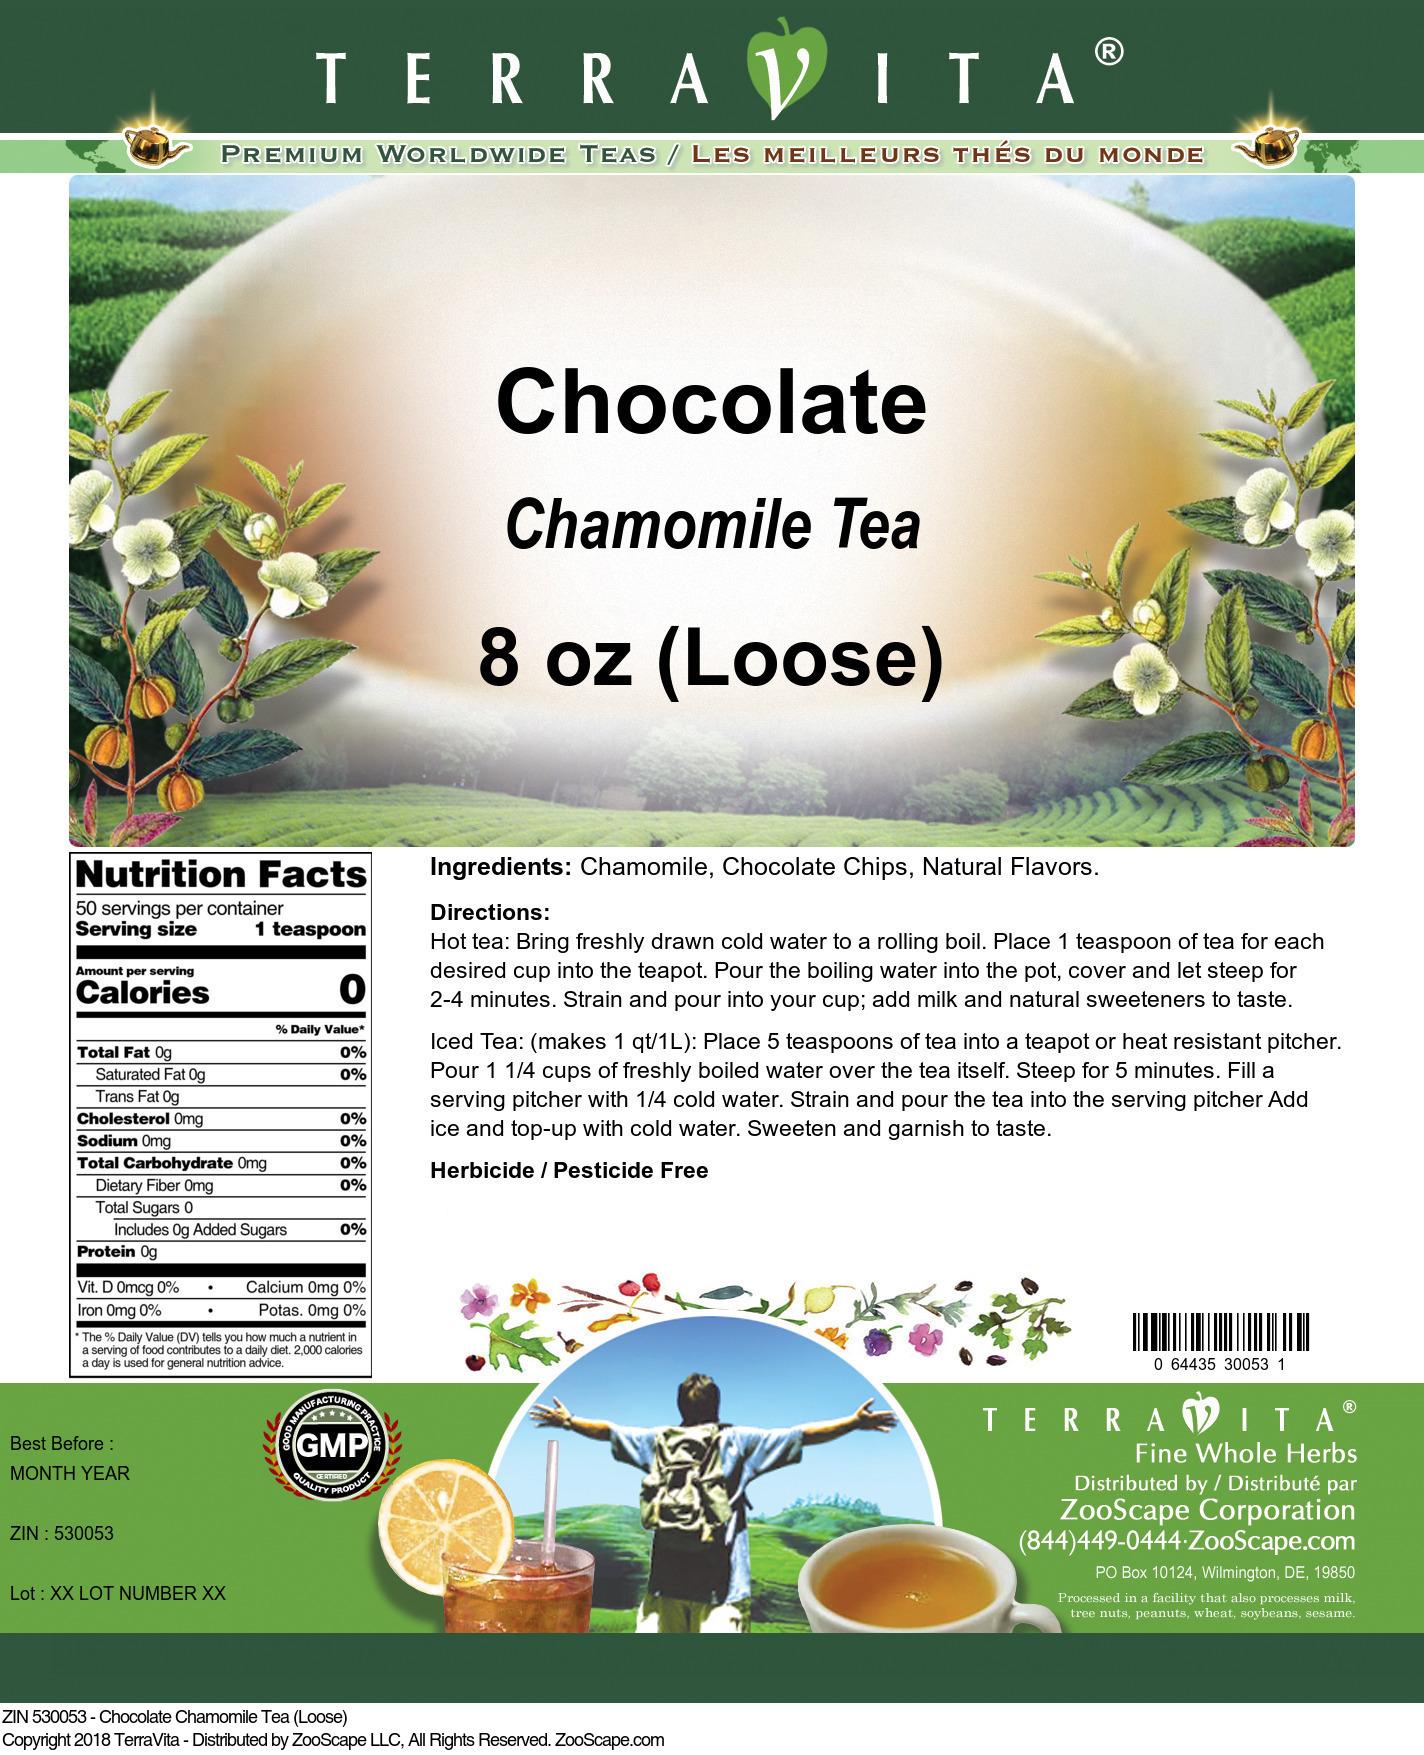 Chocolate Chamomile Tea